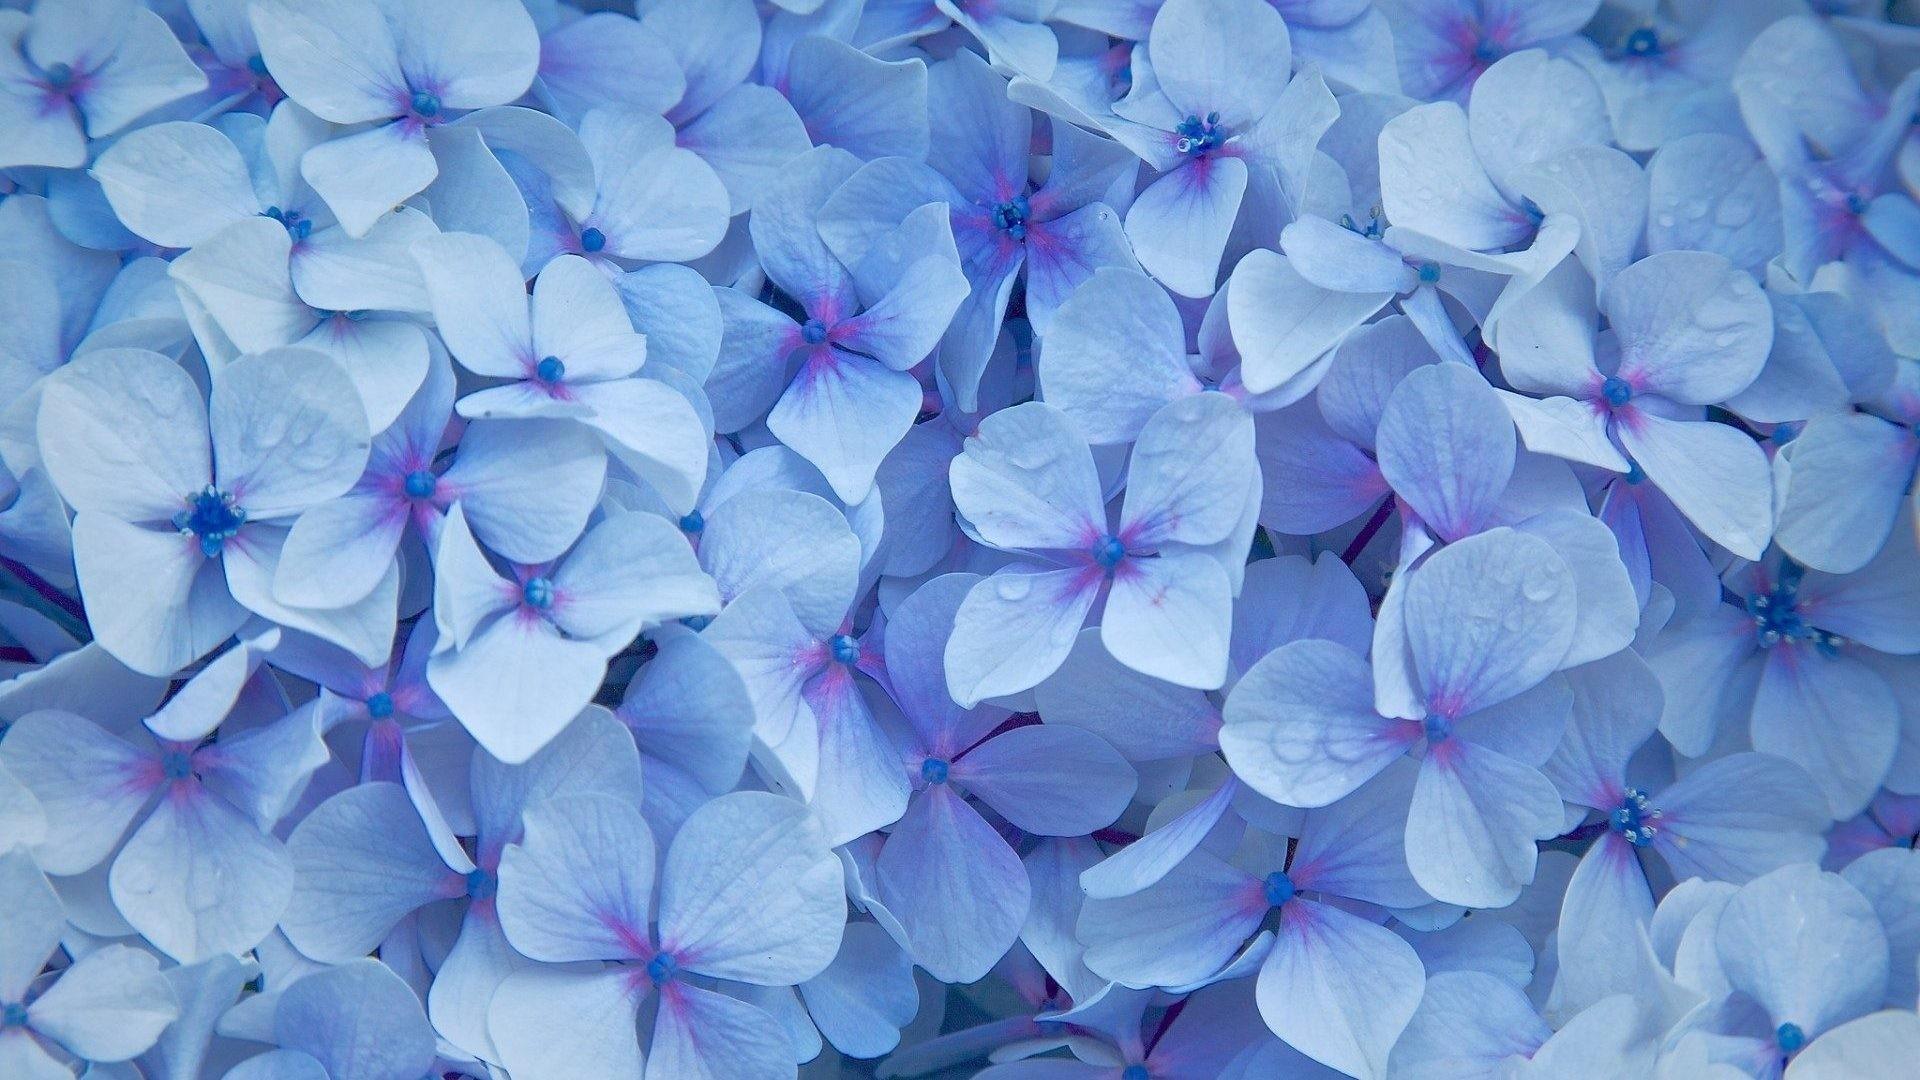 Blue Flower Wallpaper for pc